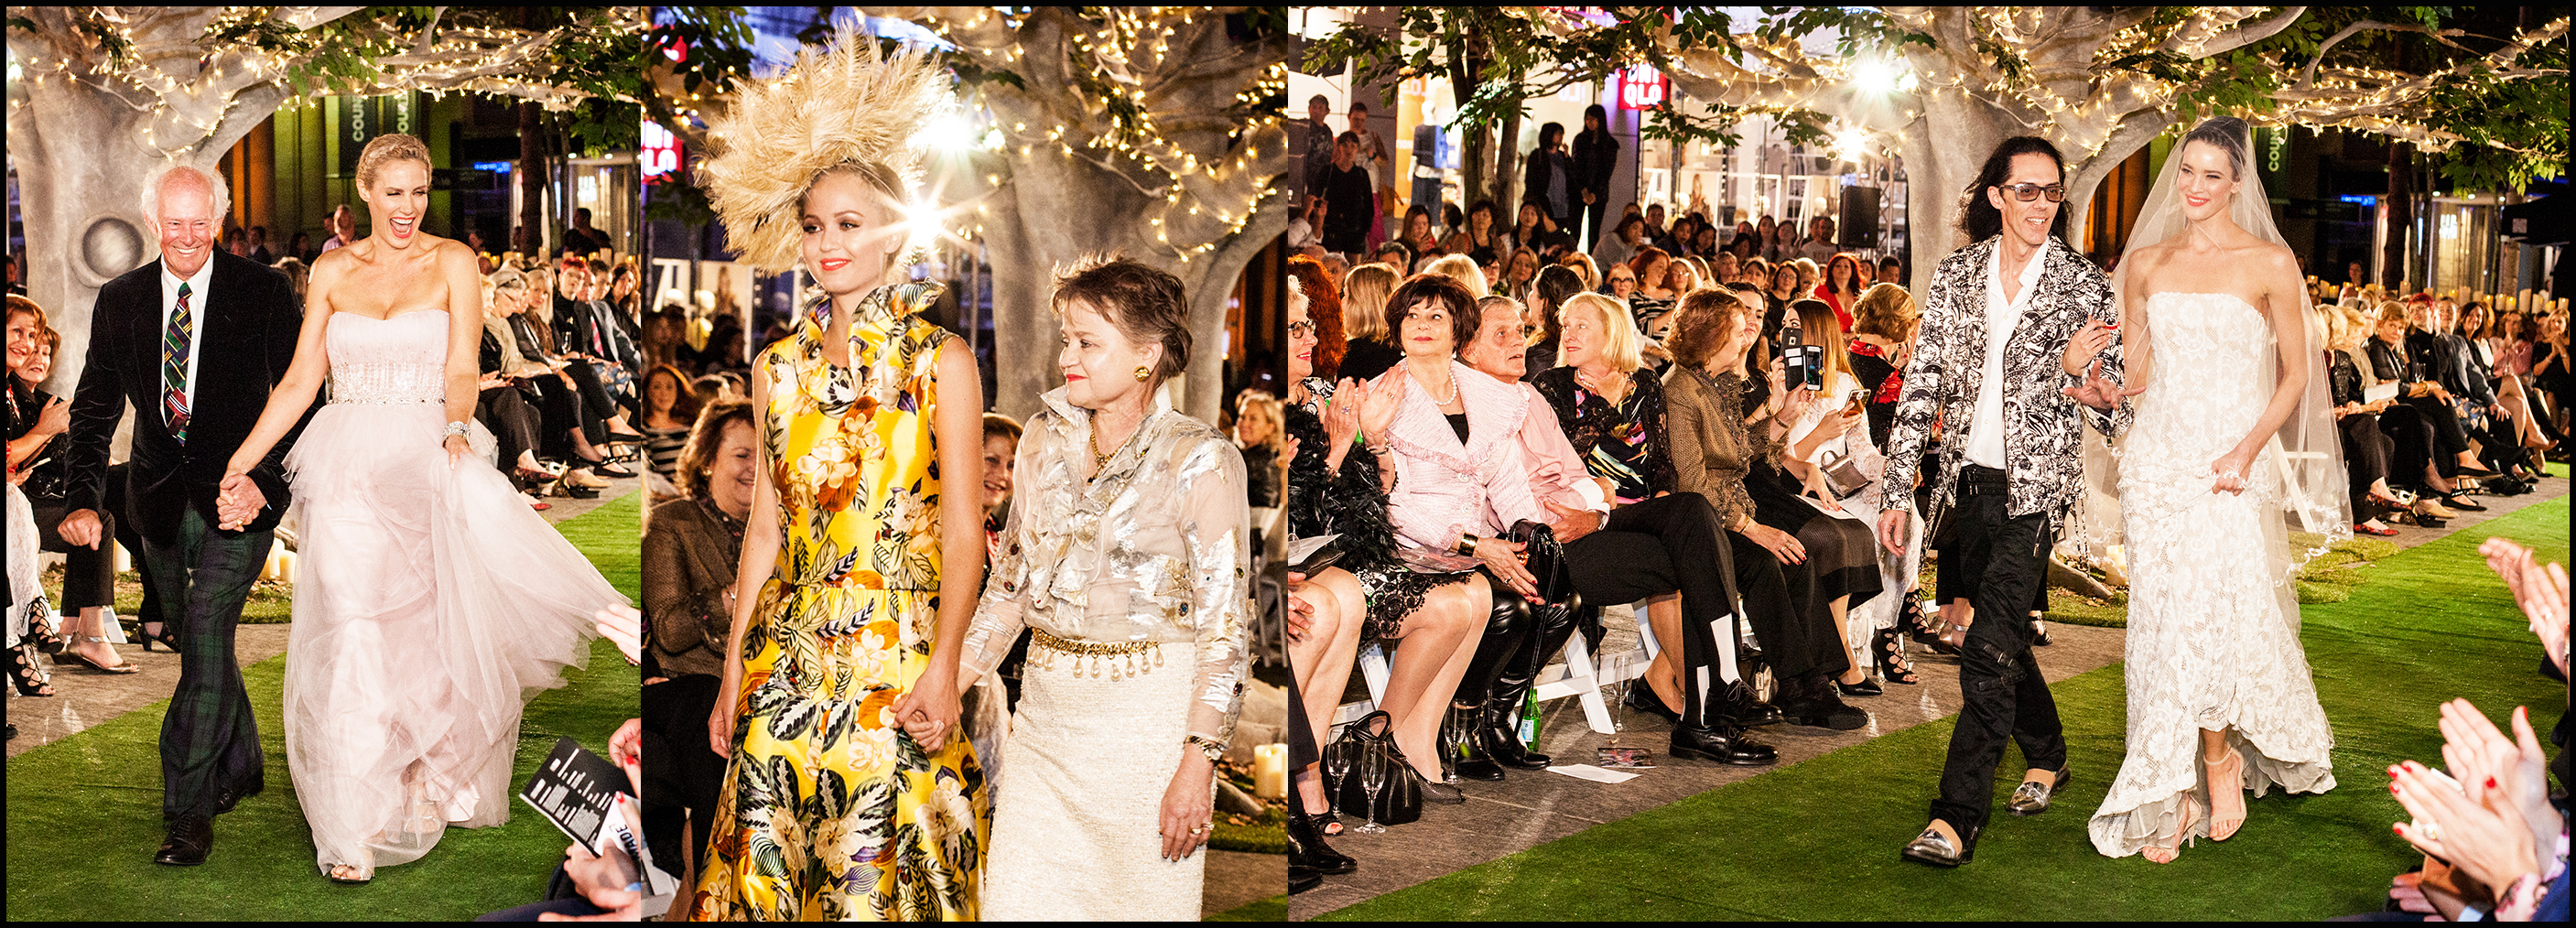 Brisbane_Event_Photography-Brisbane_Arcade_08